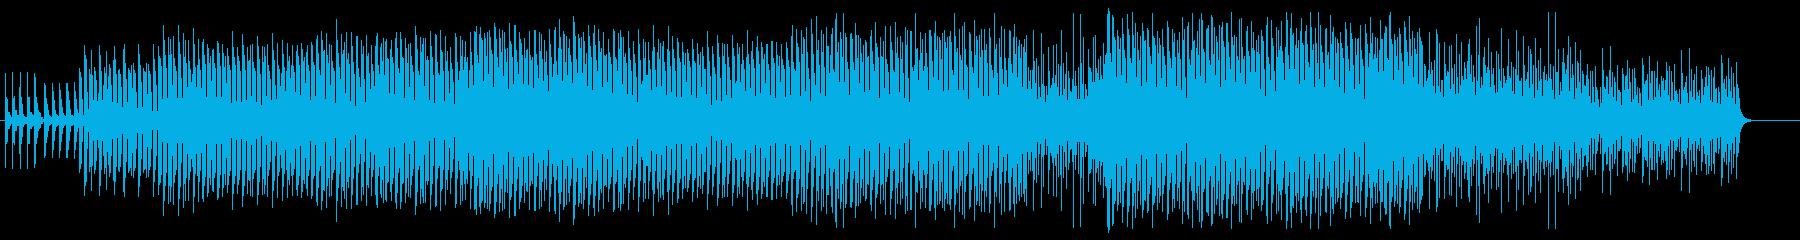 愉快で楽し気なトイテクノの再生済みの波形